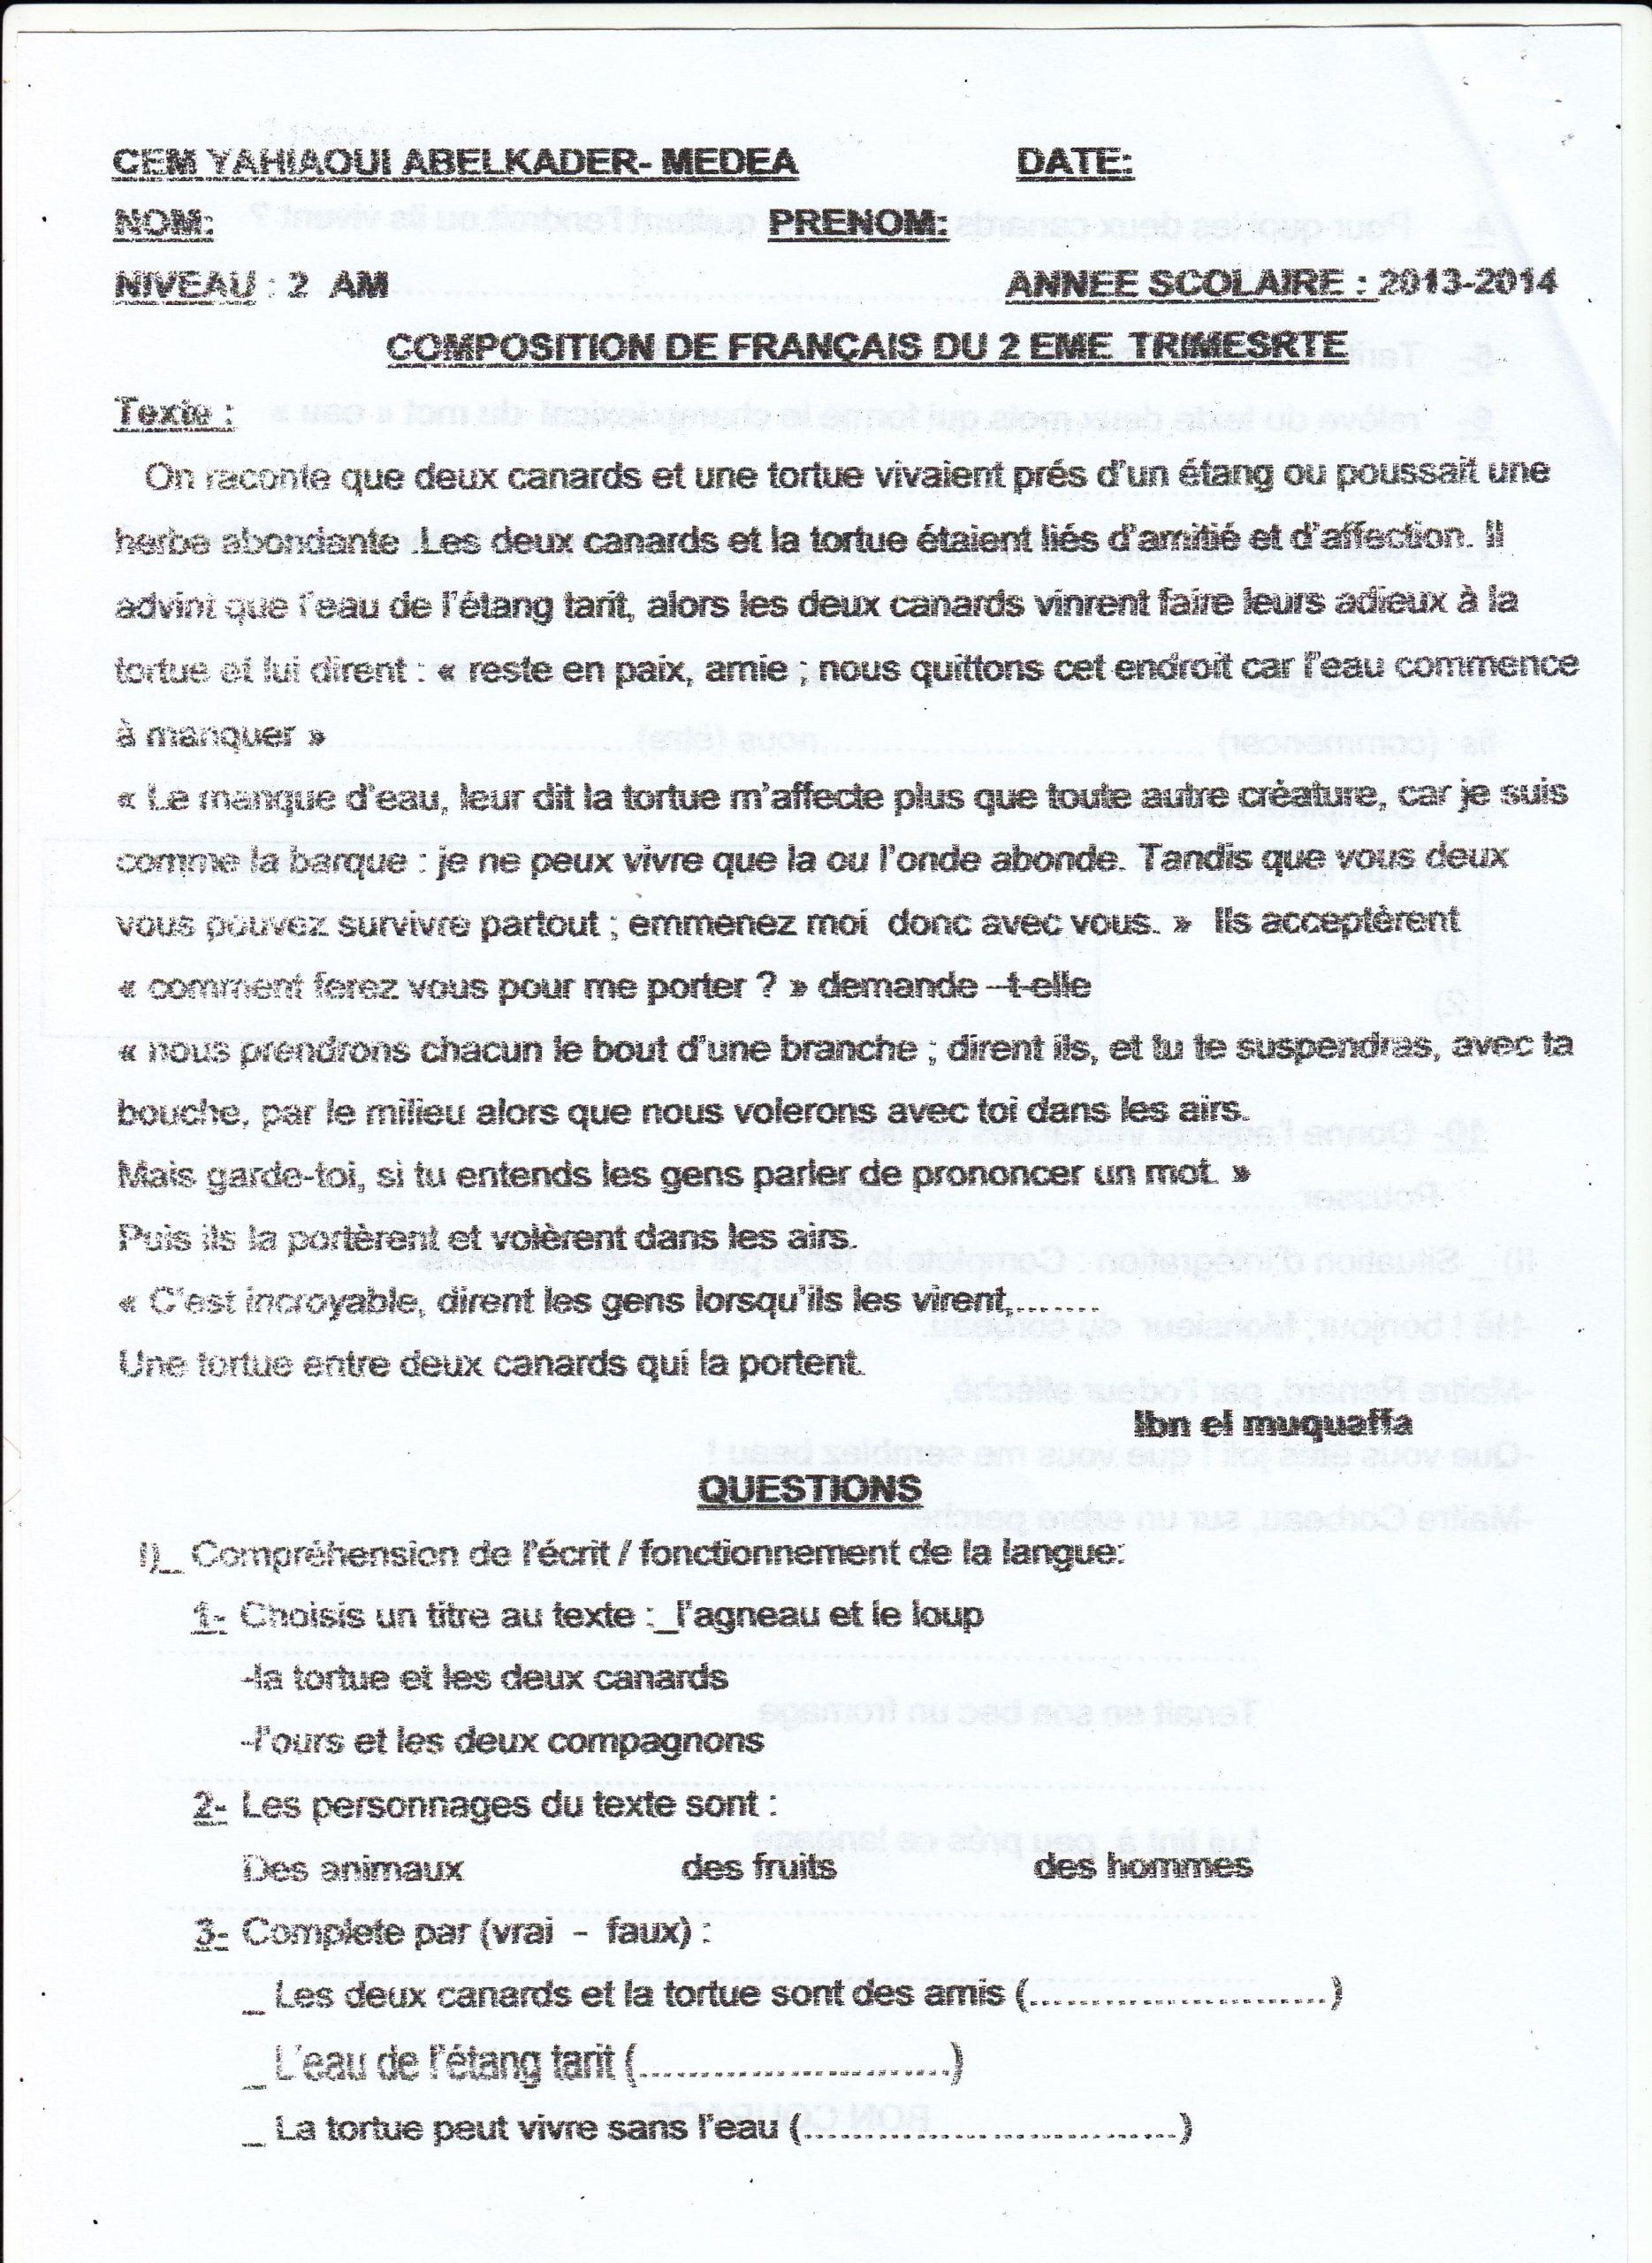 اختبار الفصل الثاني في اللغة الفرنسية للسنة الثانية متوسط - الموضوع 03